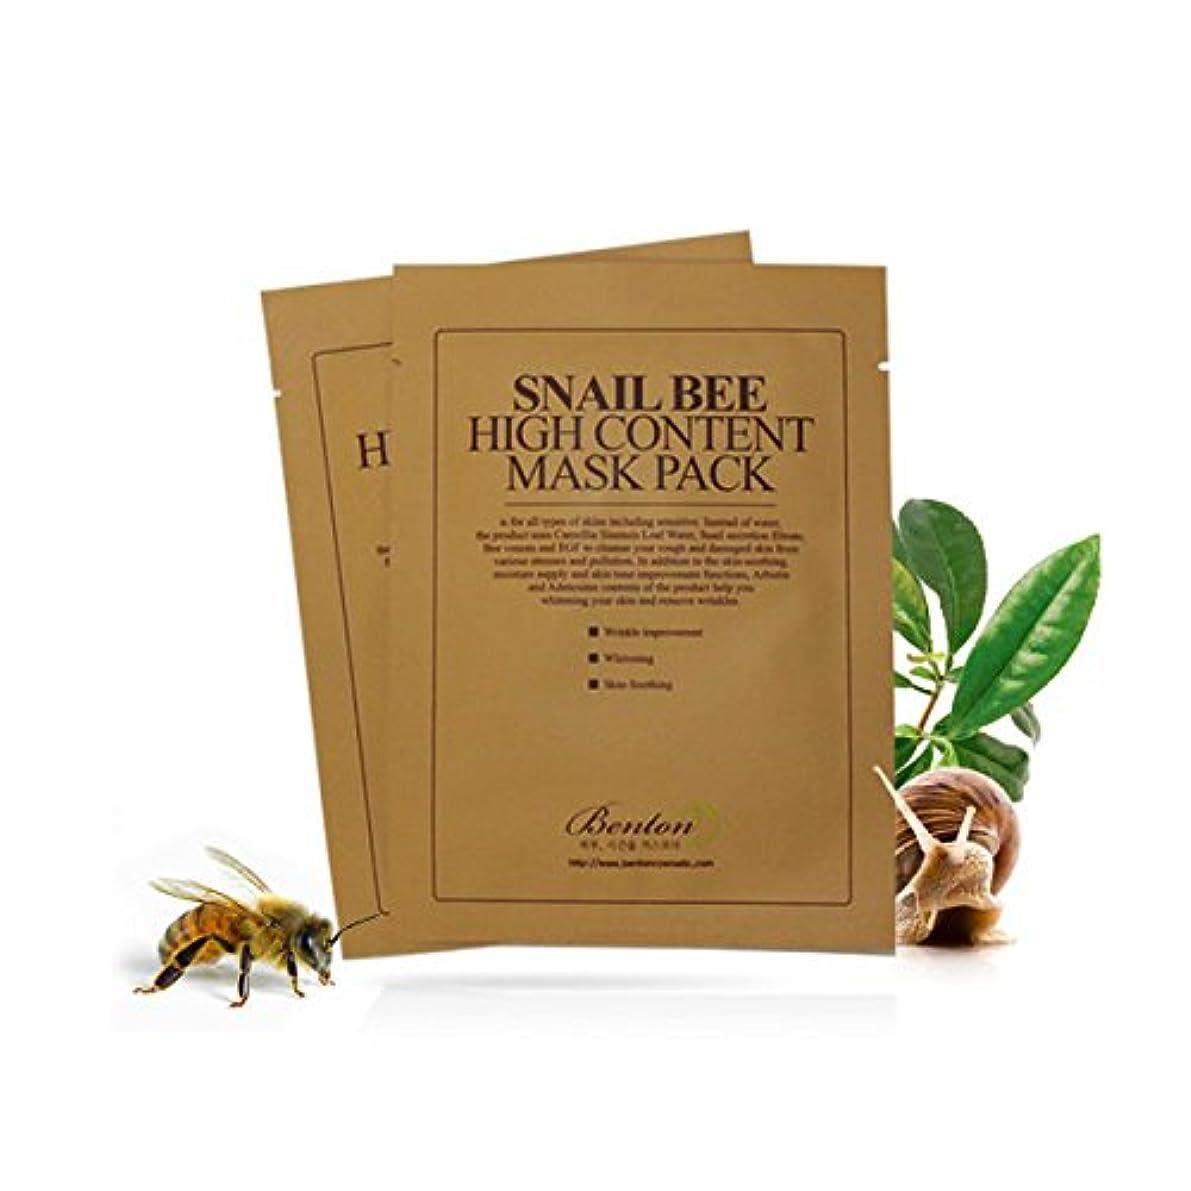 小売正確なマラソン[ベントン] BENTON カタツムリ蜂の高いコンテンツ?マスクパック Snail Bee High Content Mask Pack Sheet 10 Pcs [並行輸入品]